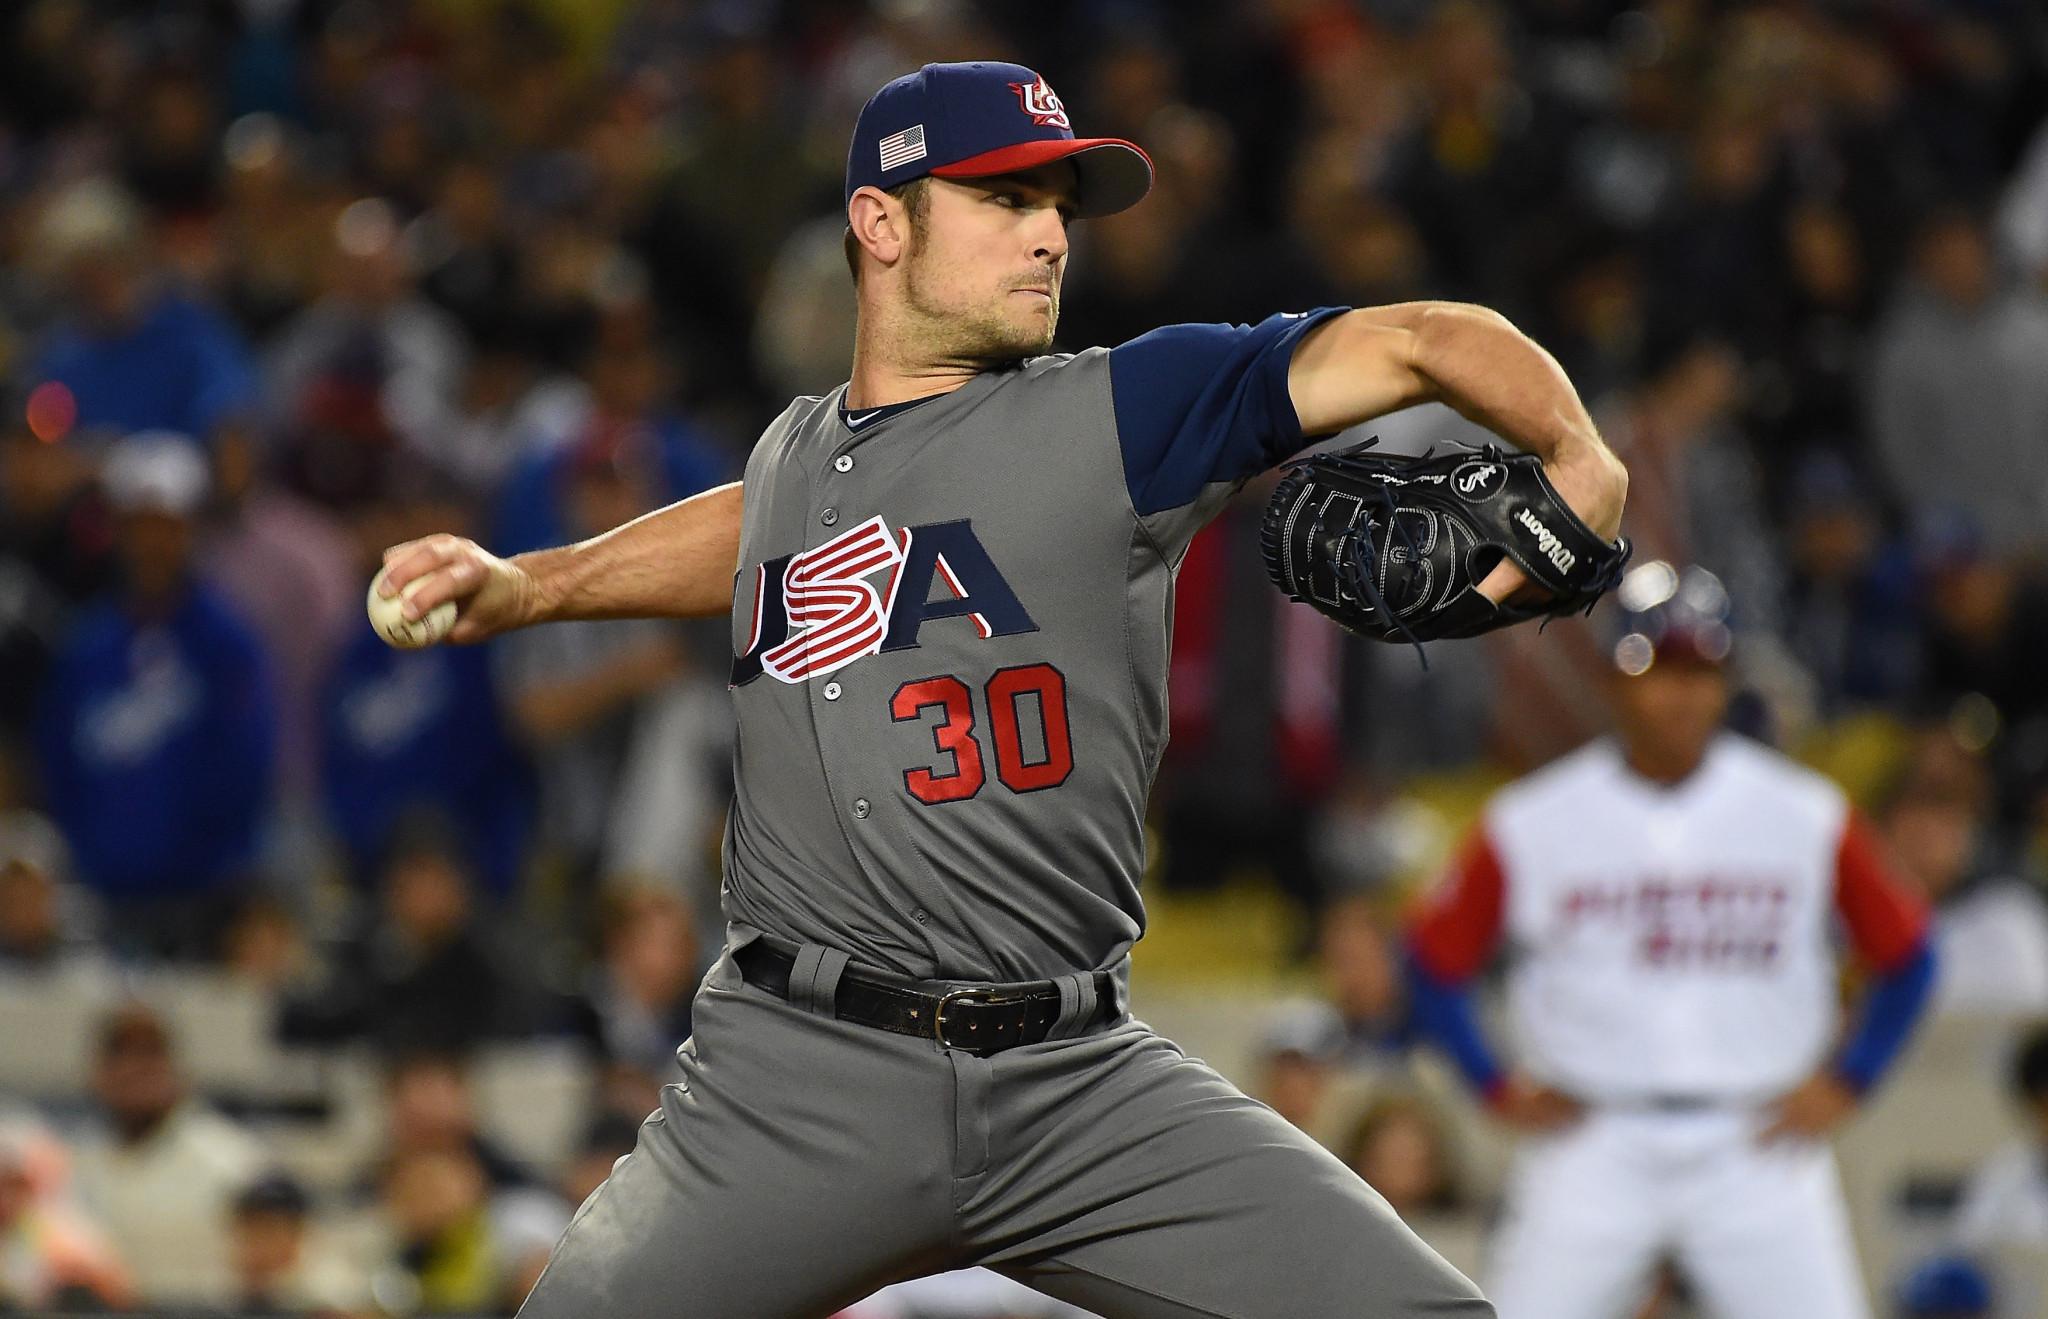 Winter Olympic medallist Alvarez joins MLB All-Stars in US baseball squad for Tokyo 2020 qualifier